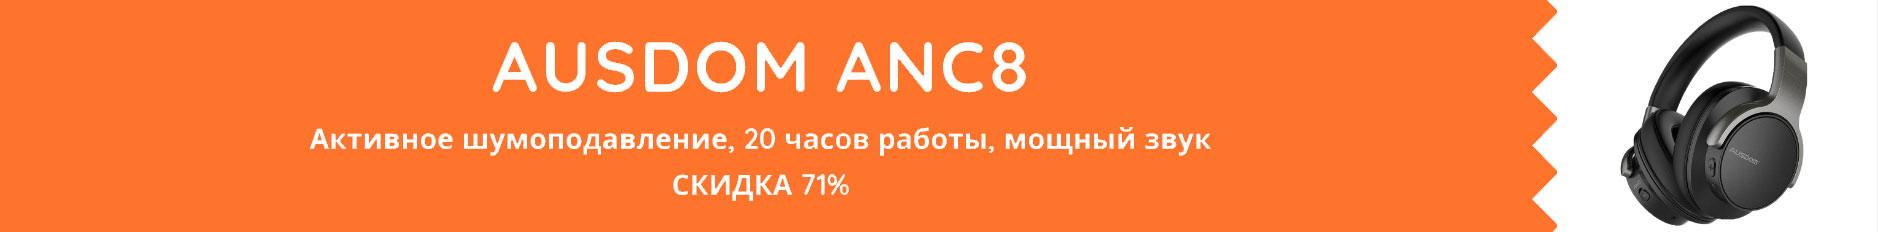 Реклама наушников Ausdom ANC8